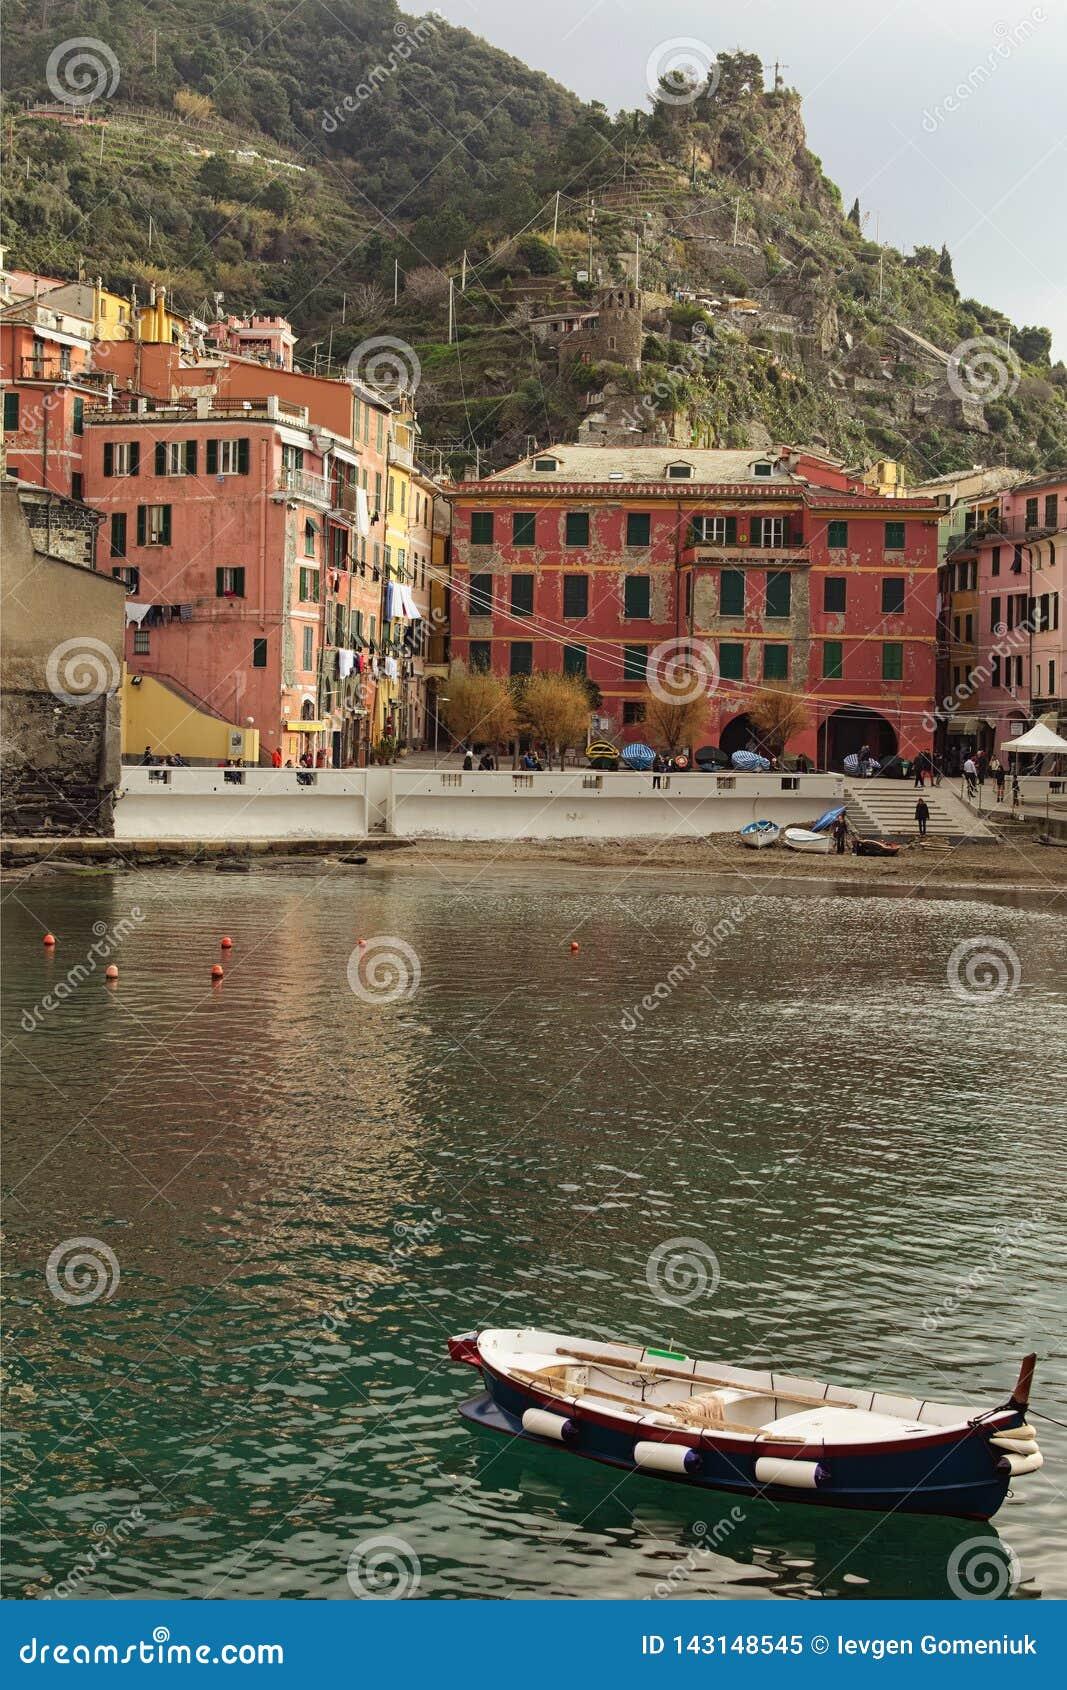 Καταπληκτικό τοπίο λίγης πόλης Vernazza Διάσημος τουριστικός προορισμός θέσεων και ταξιδιού στην Ευρώπη